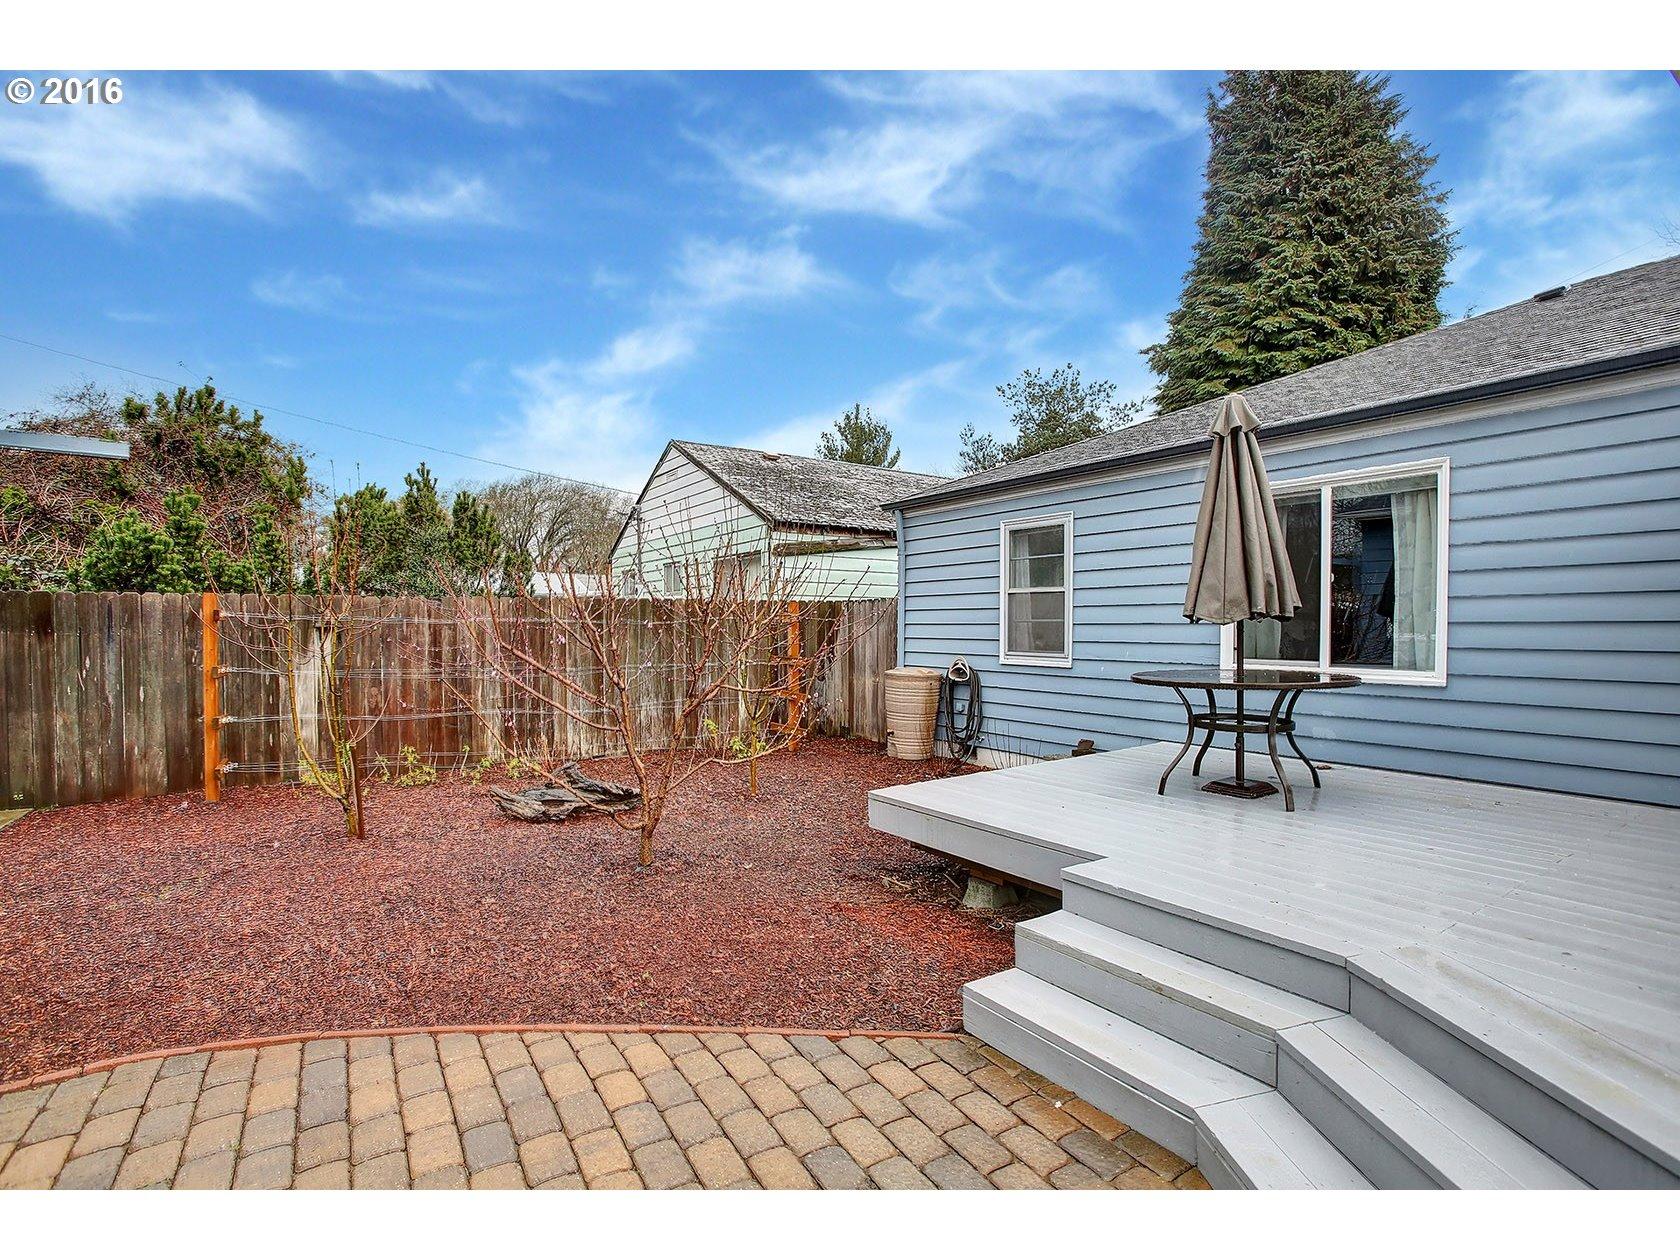 1053 21st Ave Longview Wa 98632 Vancouver Wa Real Estate